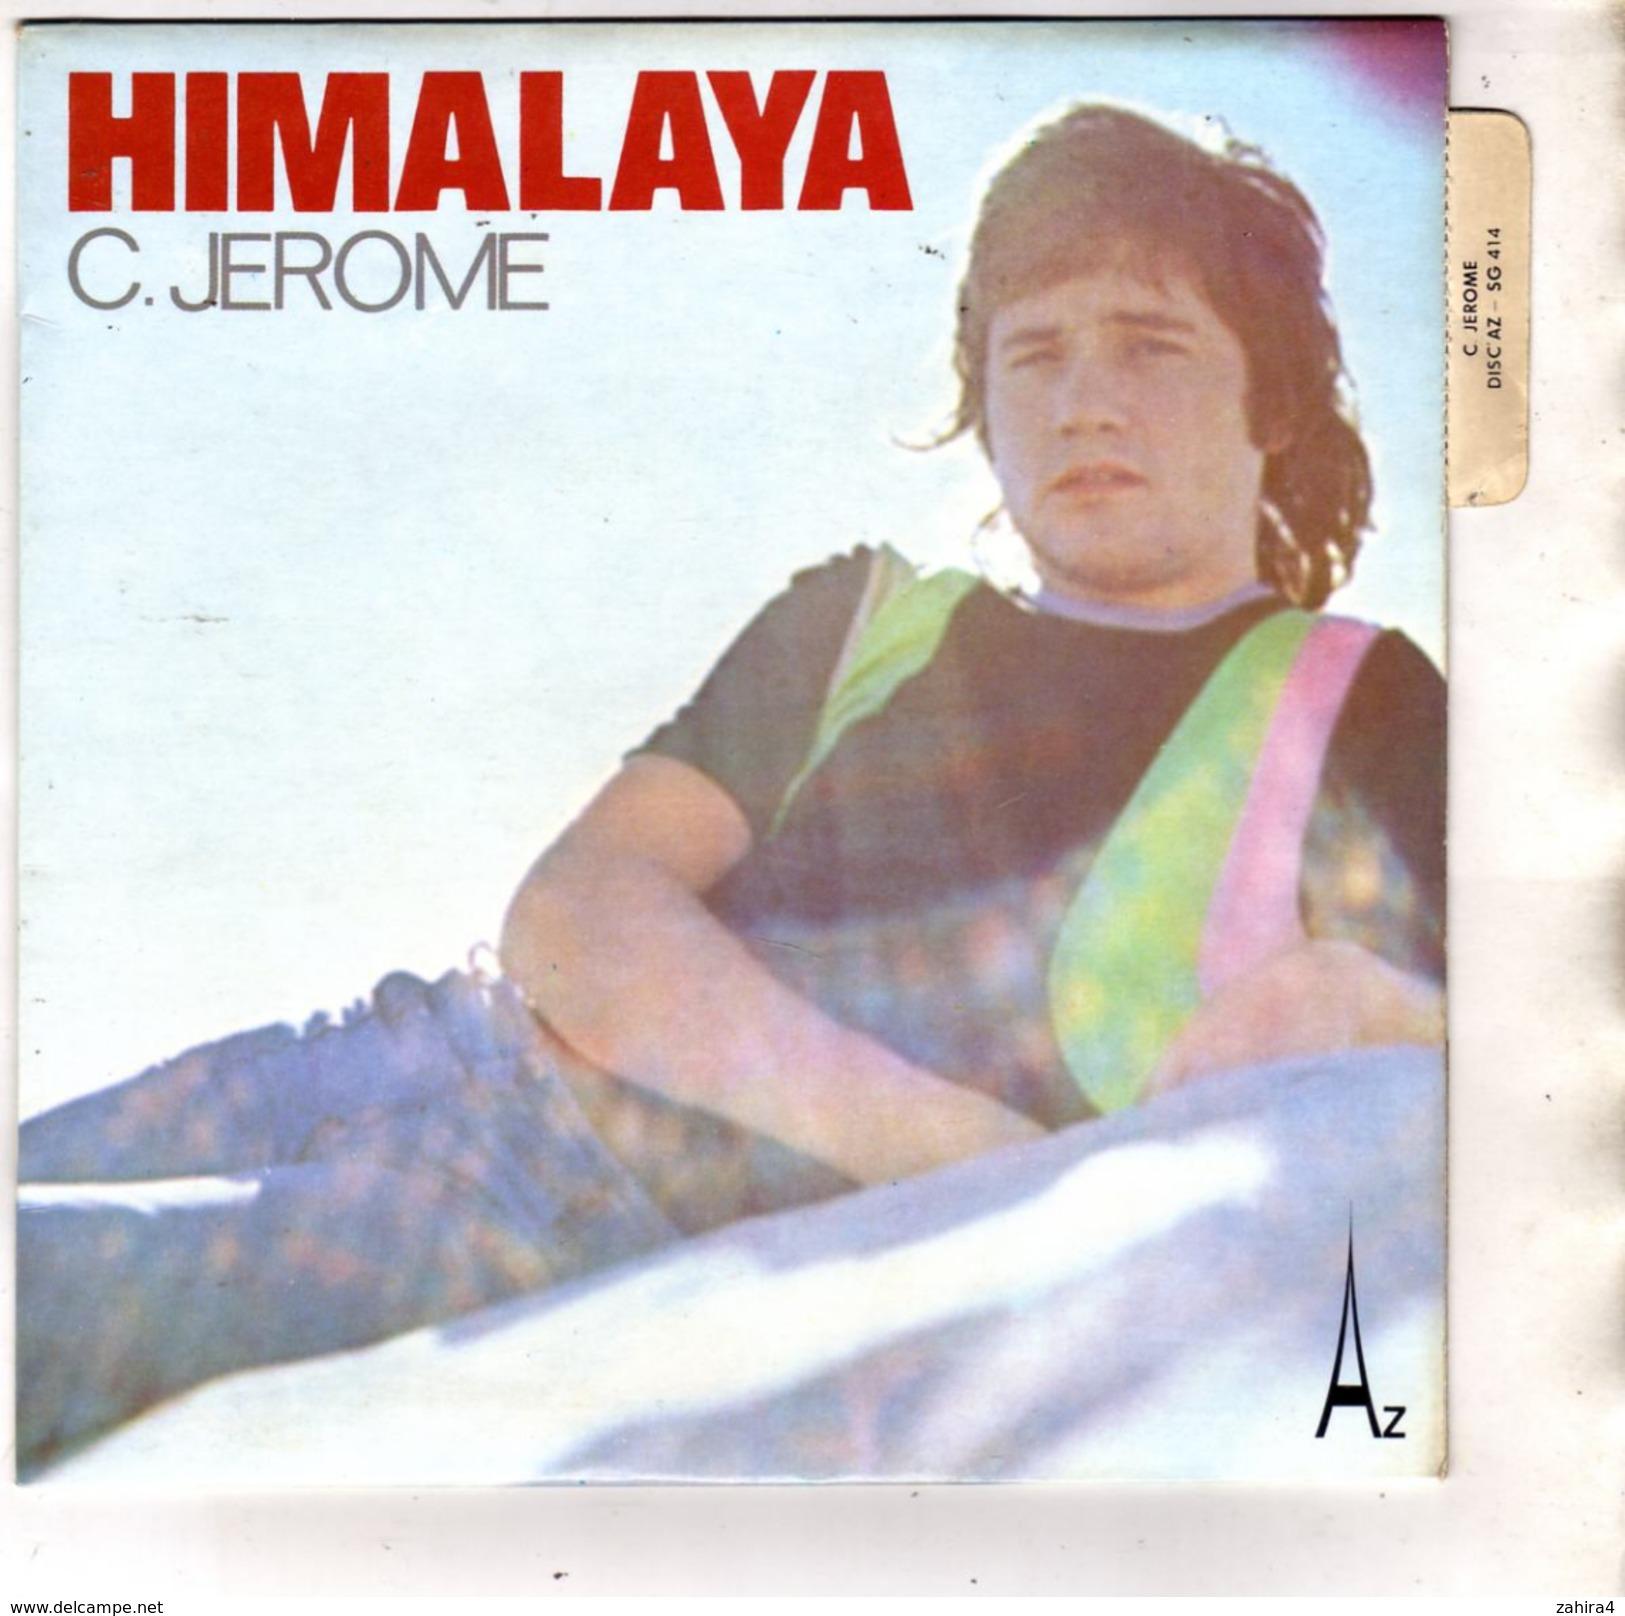 Himalaya  - C. Jérome  - AZ  - Phot. G. Spitzer  - SG 414 J - Vinyl-Schallplatten